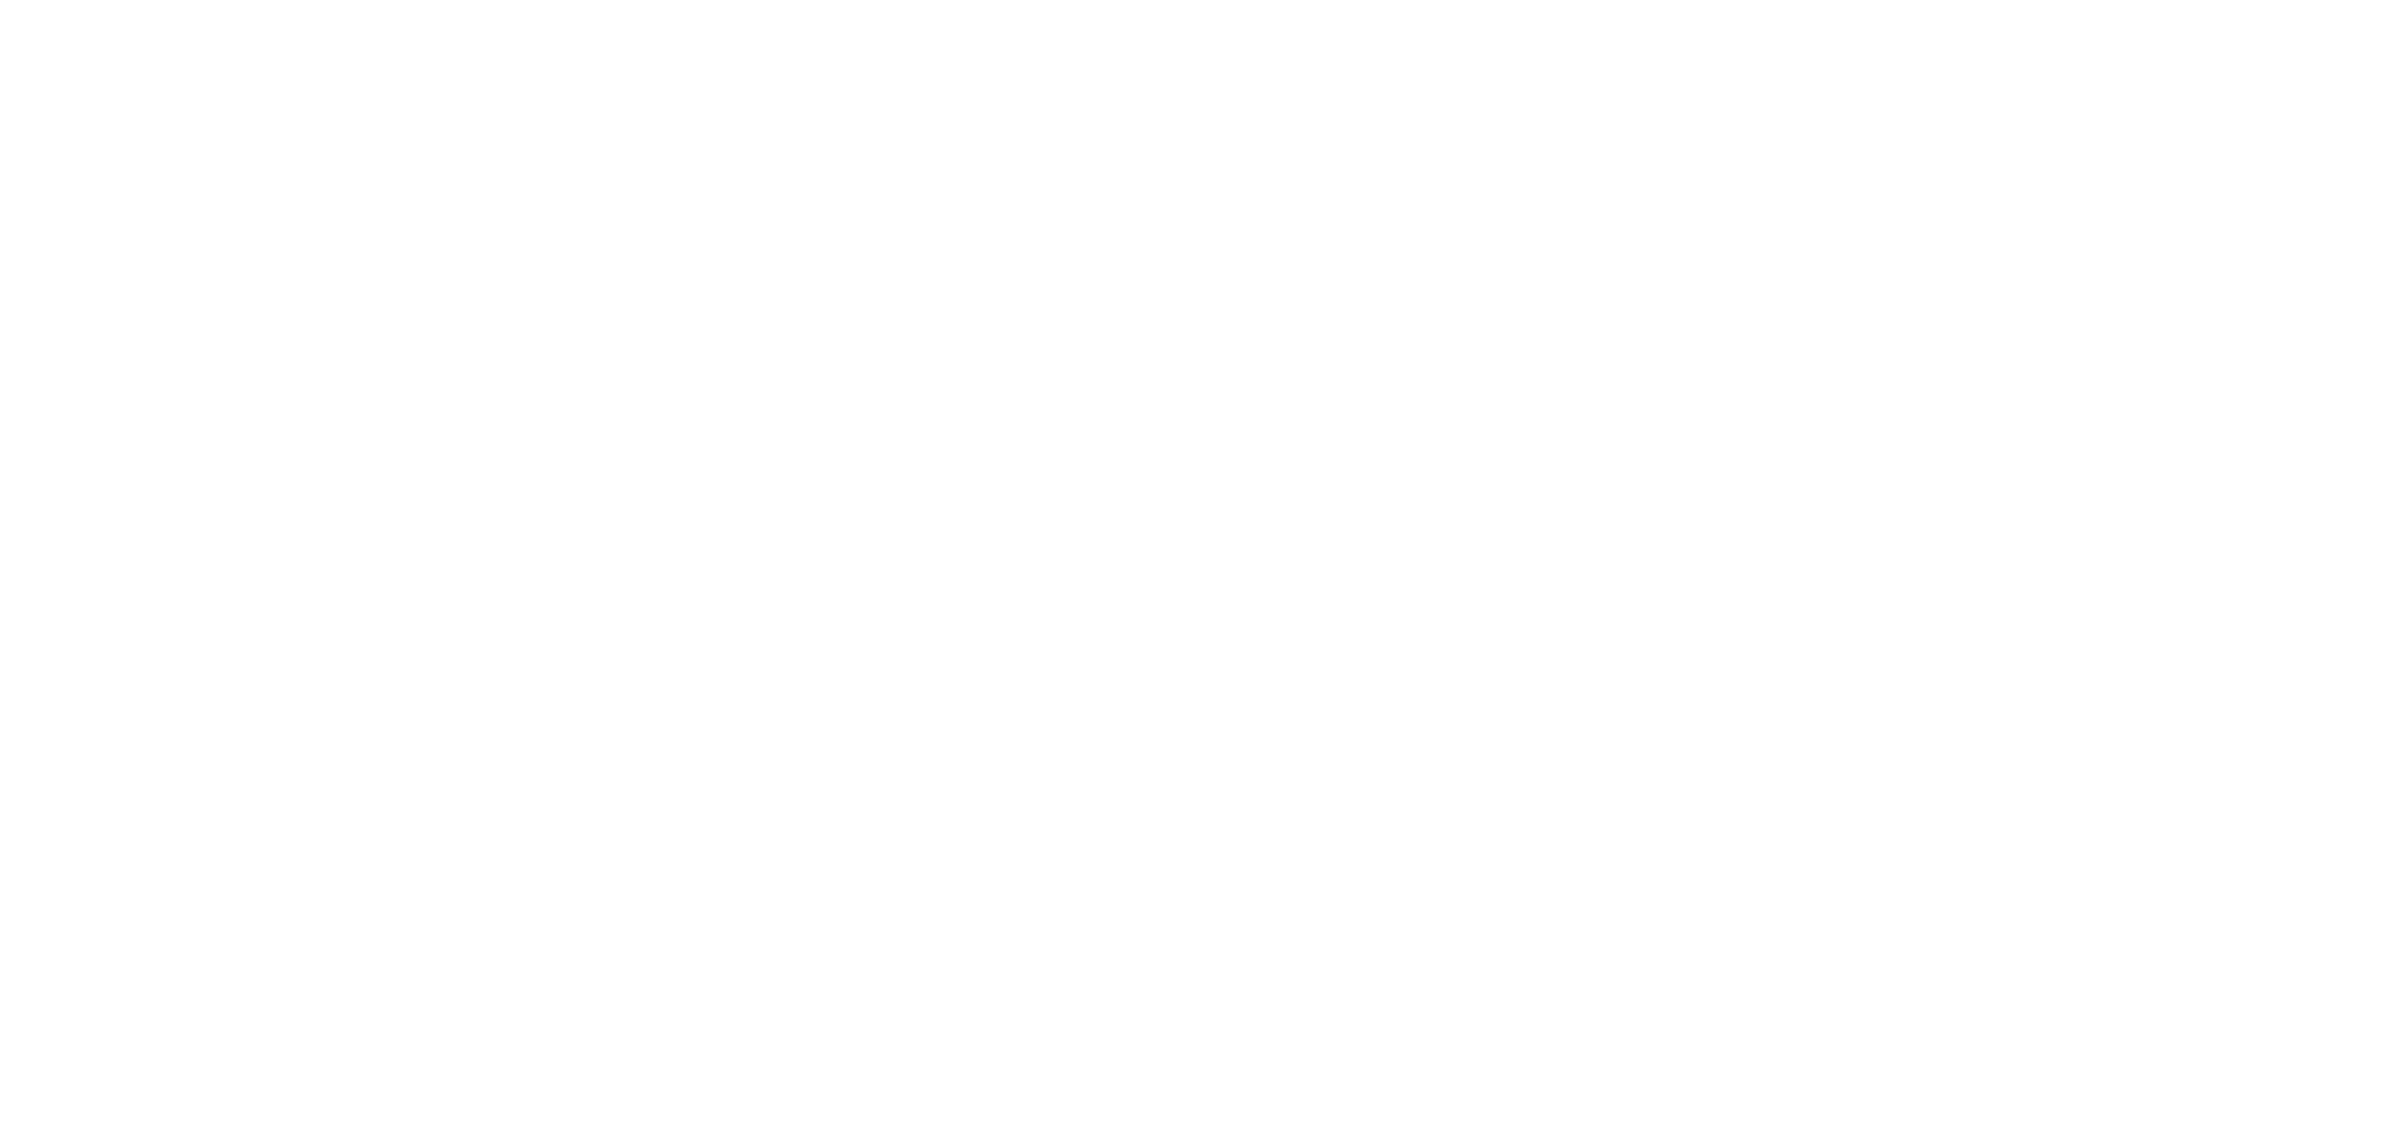 oxytocin bg-1